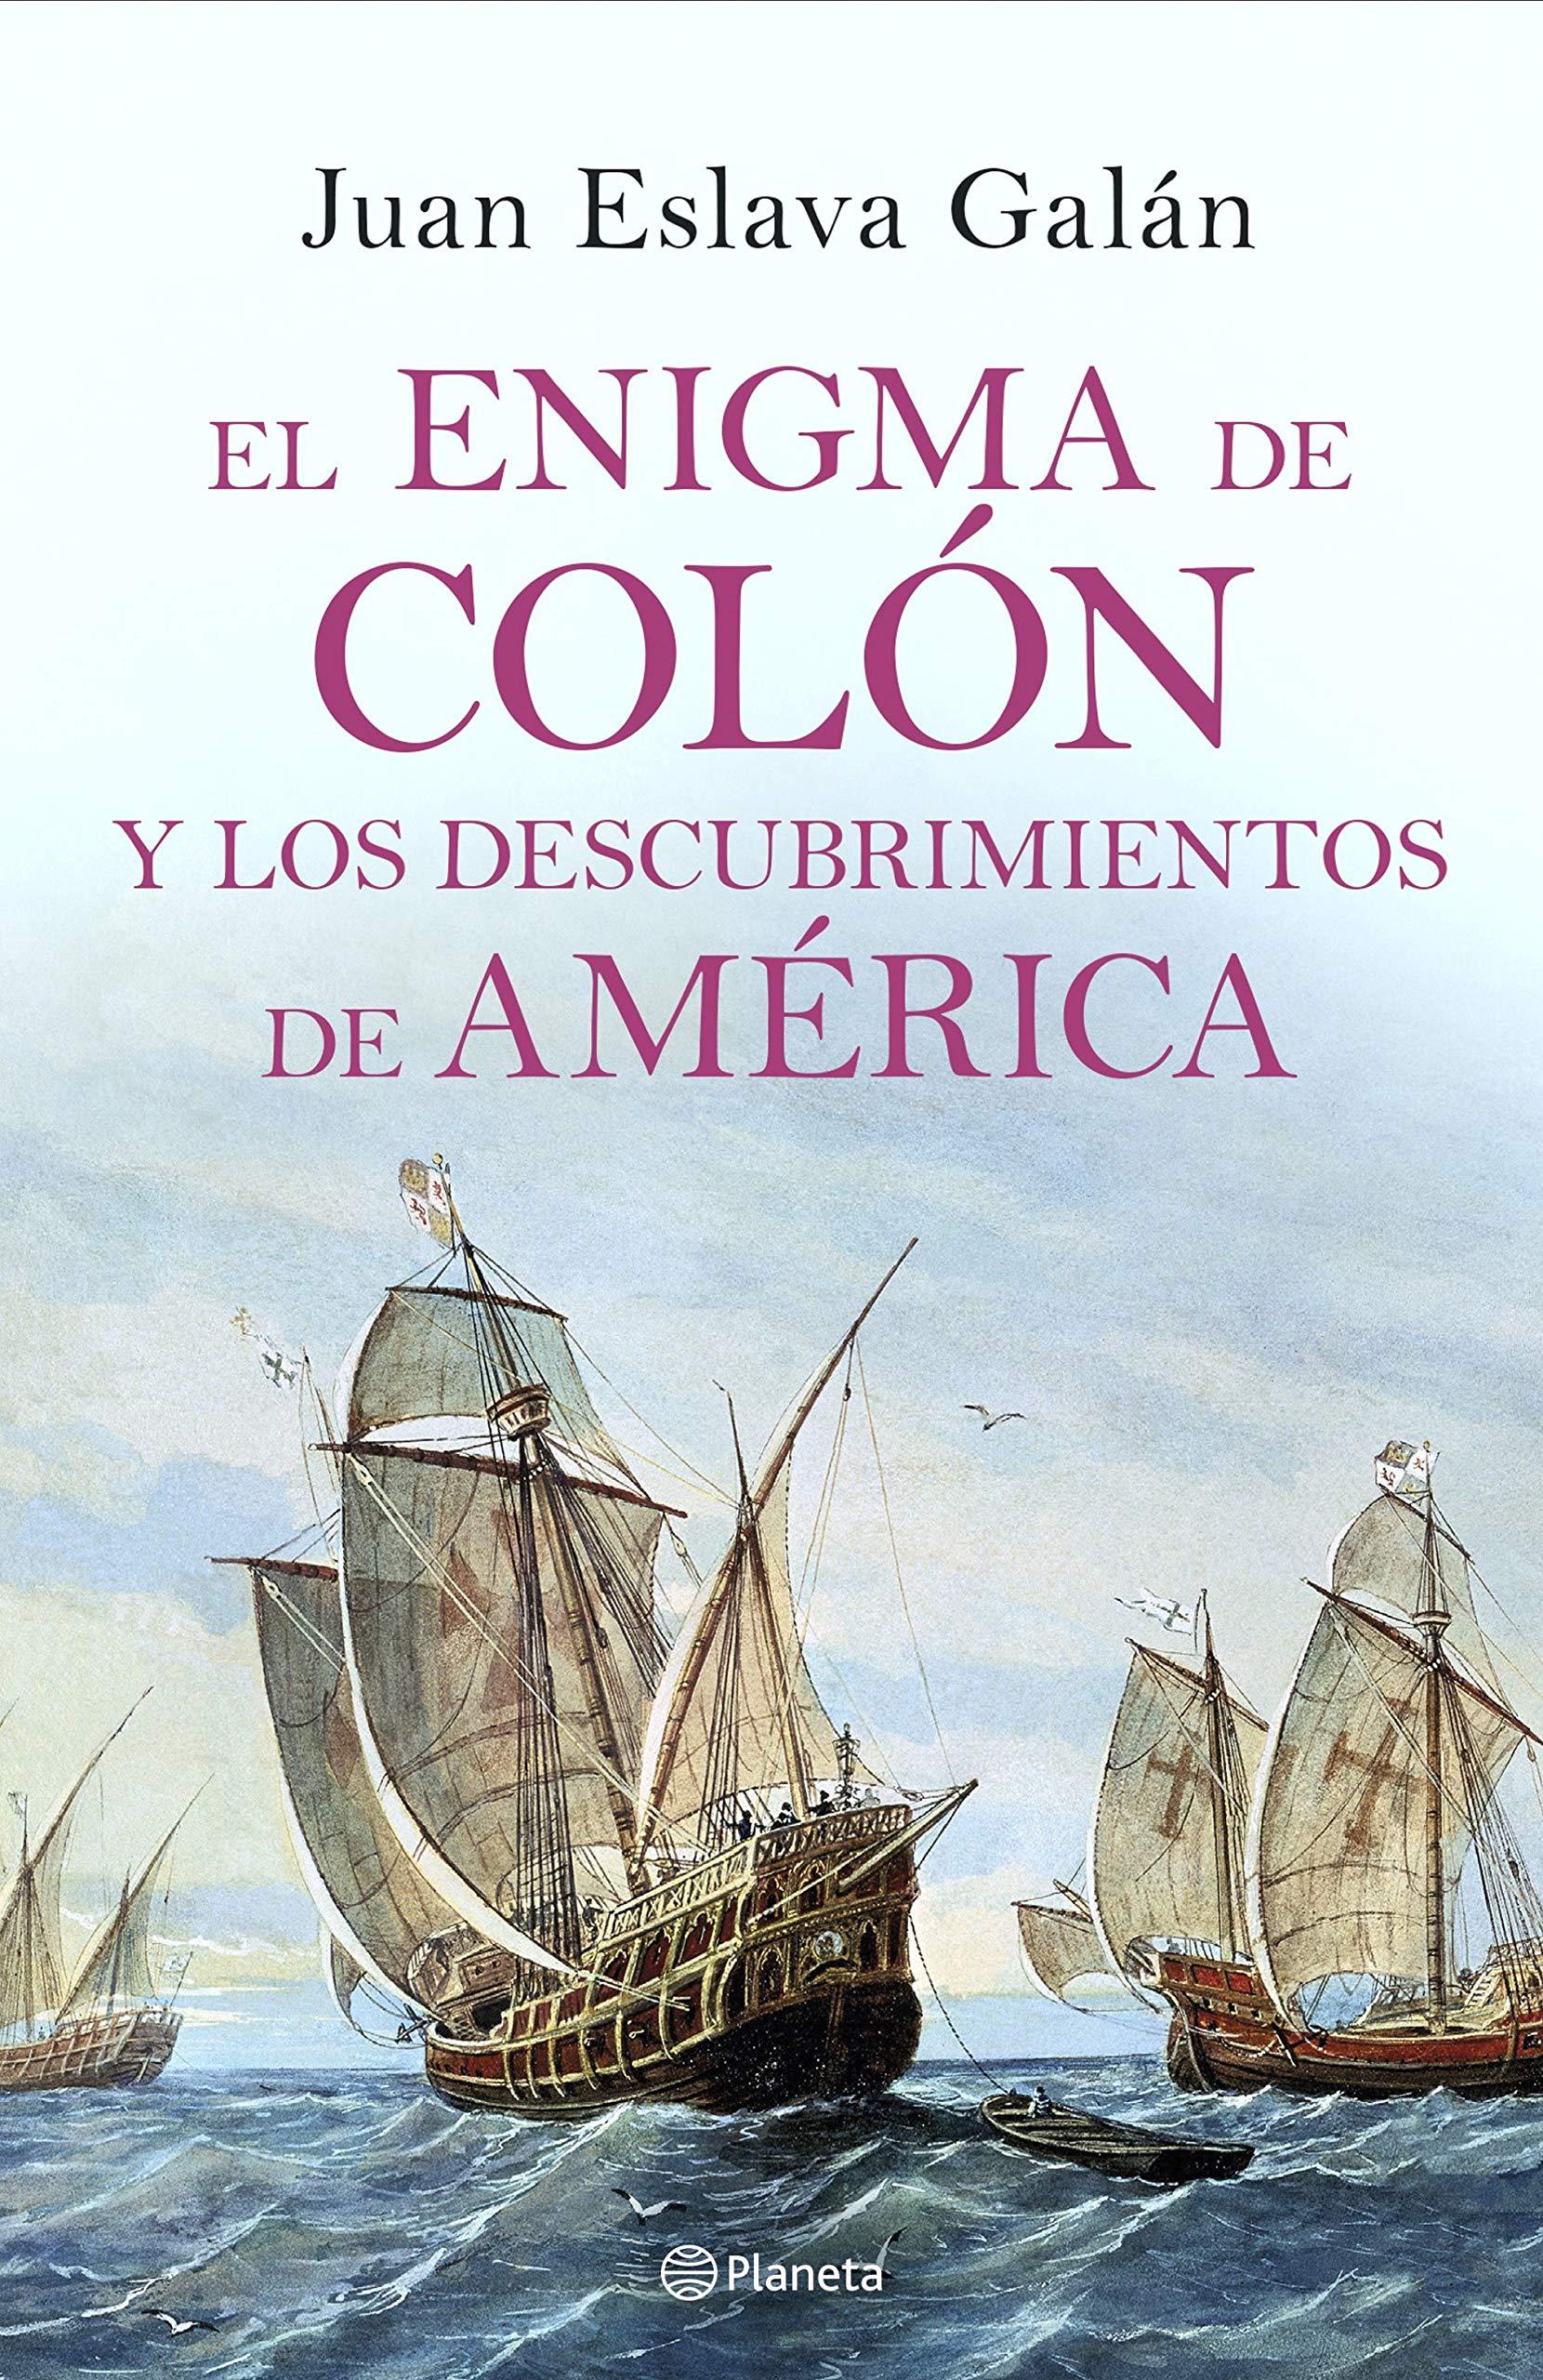 El enigma de Colón y los descubrimientos de América (Volumen independiente) por Juan Eslava Galán